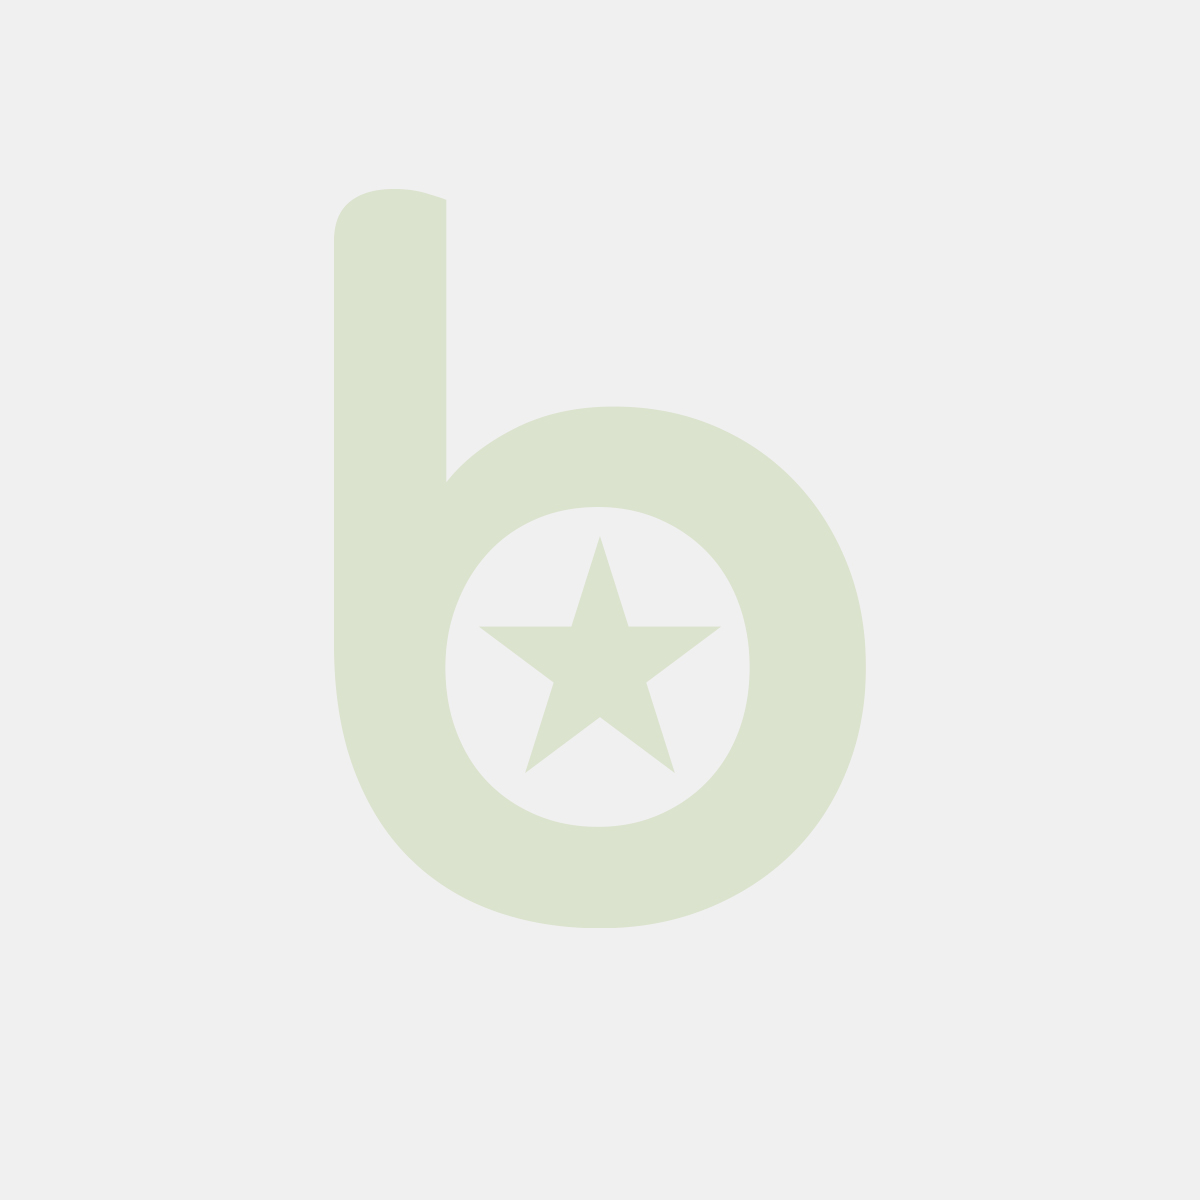 Nadstawa chłodnicza 7x GN 1/4 - kod 232910